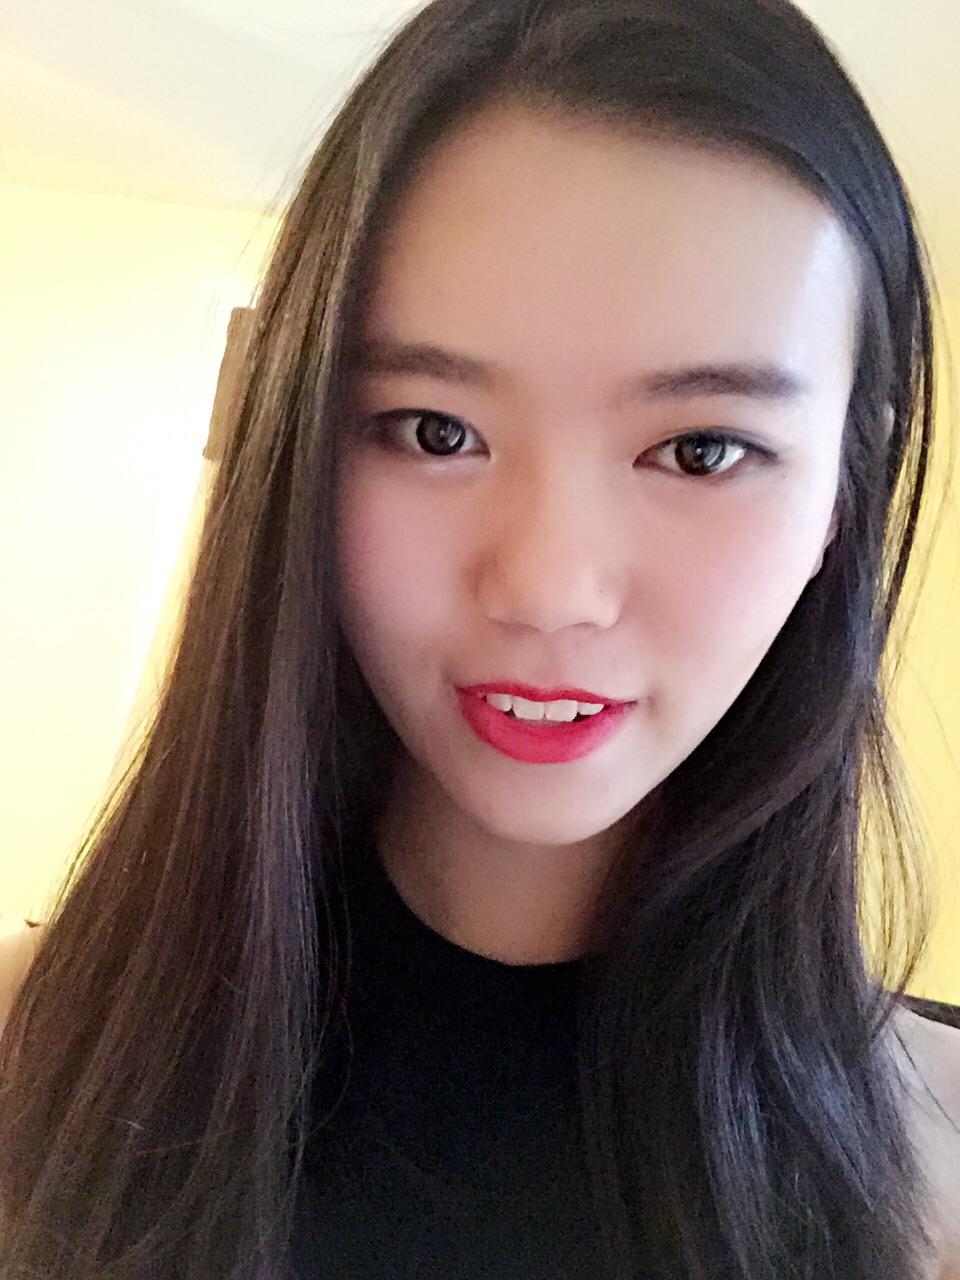 唐嘉岑   我是一个热爱学习,喜欢新鲜事物的人。在至今已两年的美国高中生活中,努力学习,保持着全A的好成绩。同时也一直保持作为一个中国人的自豪感,主动传播文化,教身边的朋友讲中文。